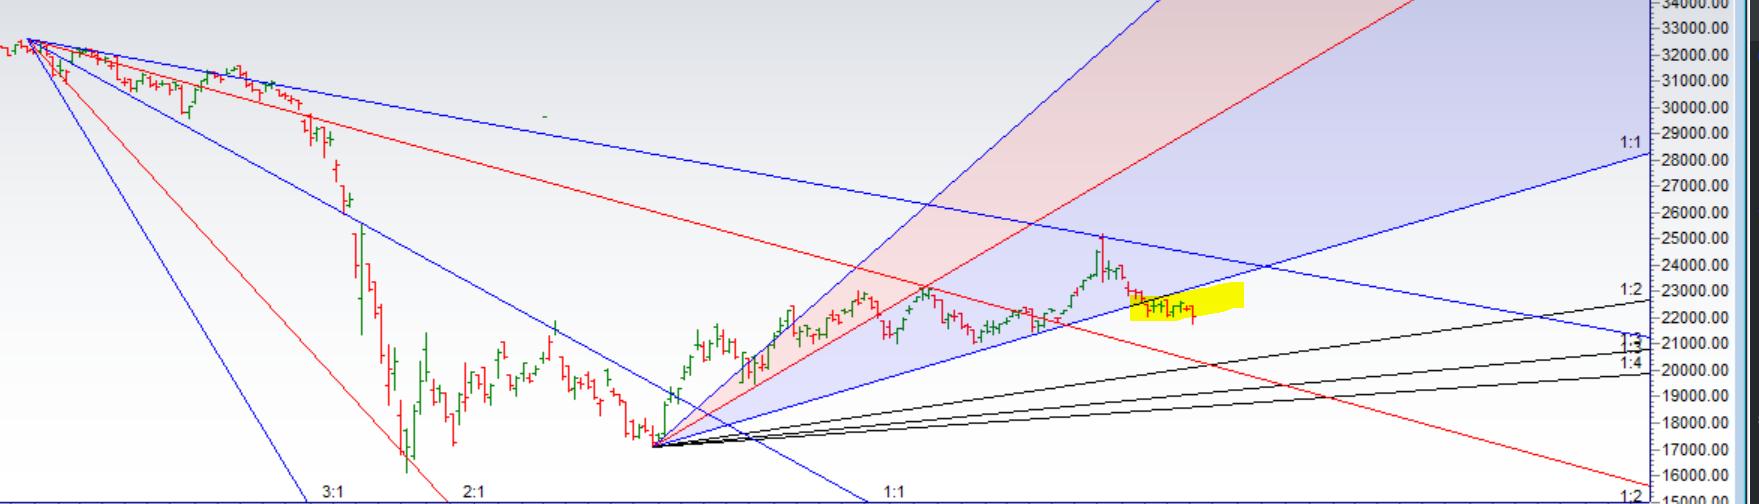 Bank Nifty Analysis for 21 Sep